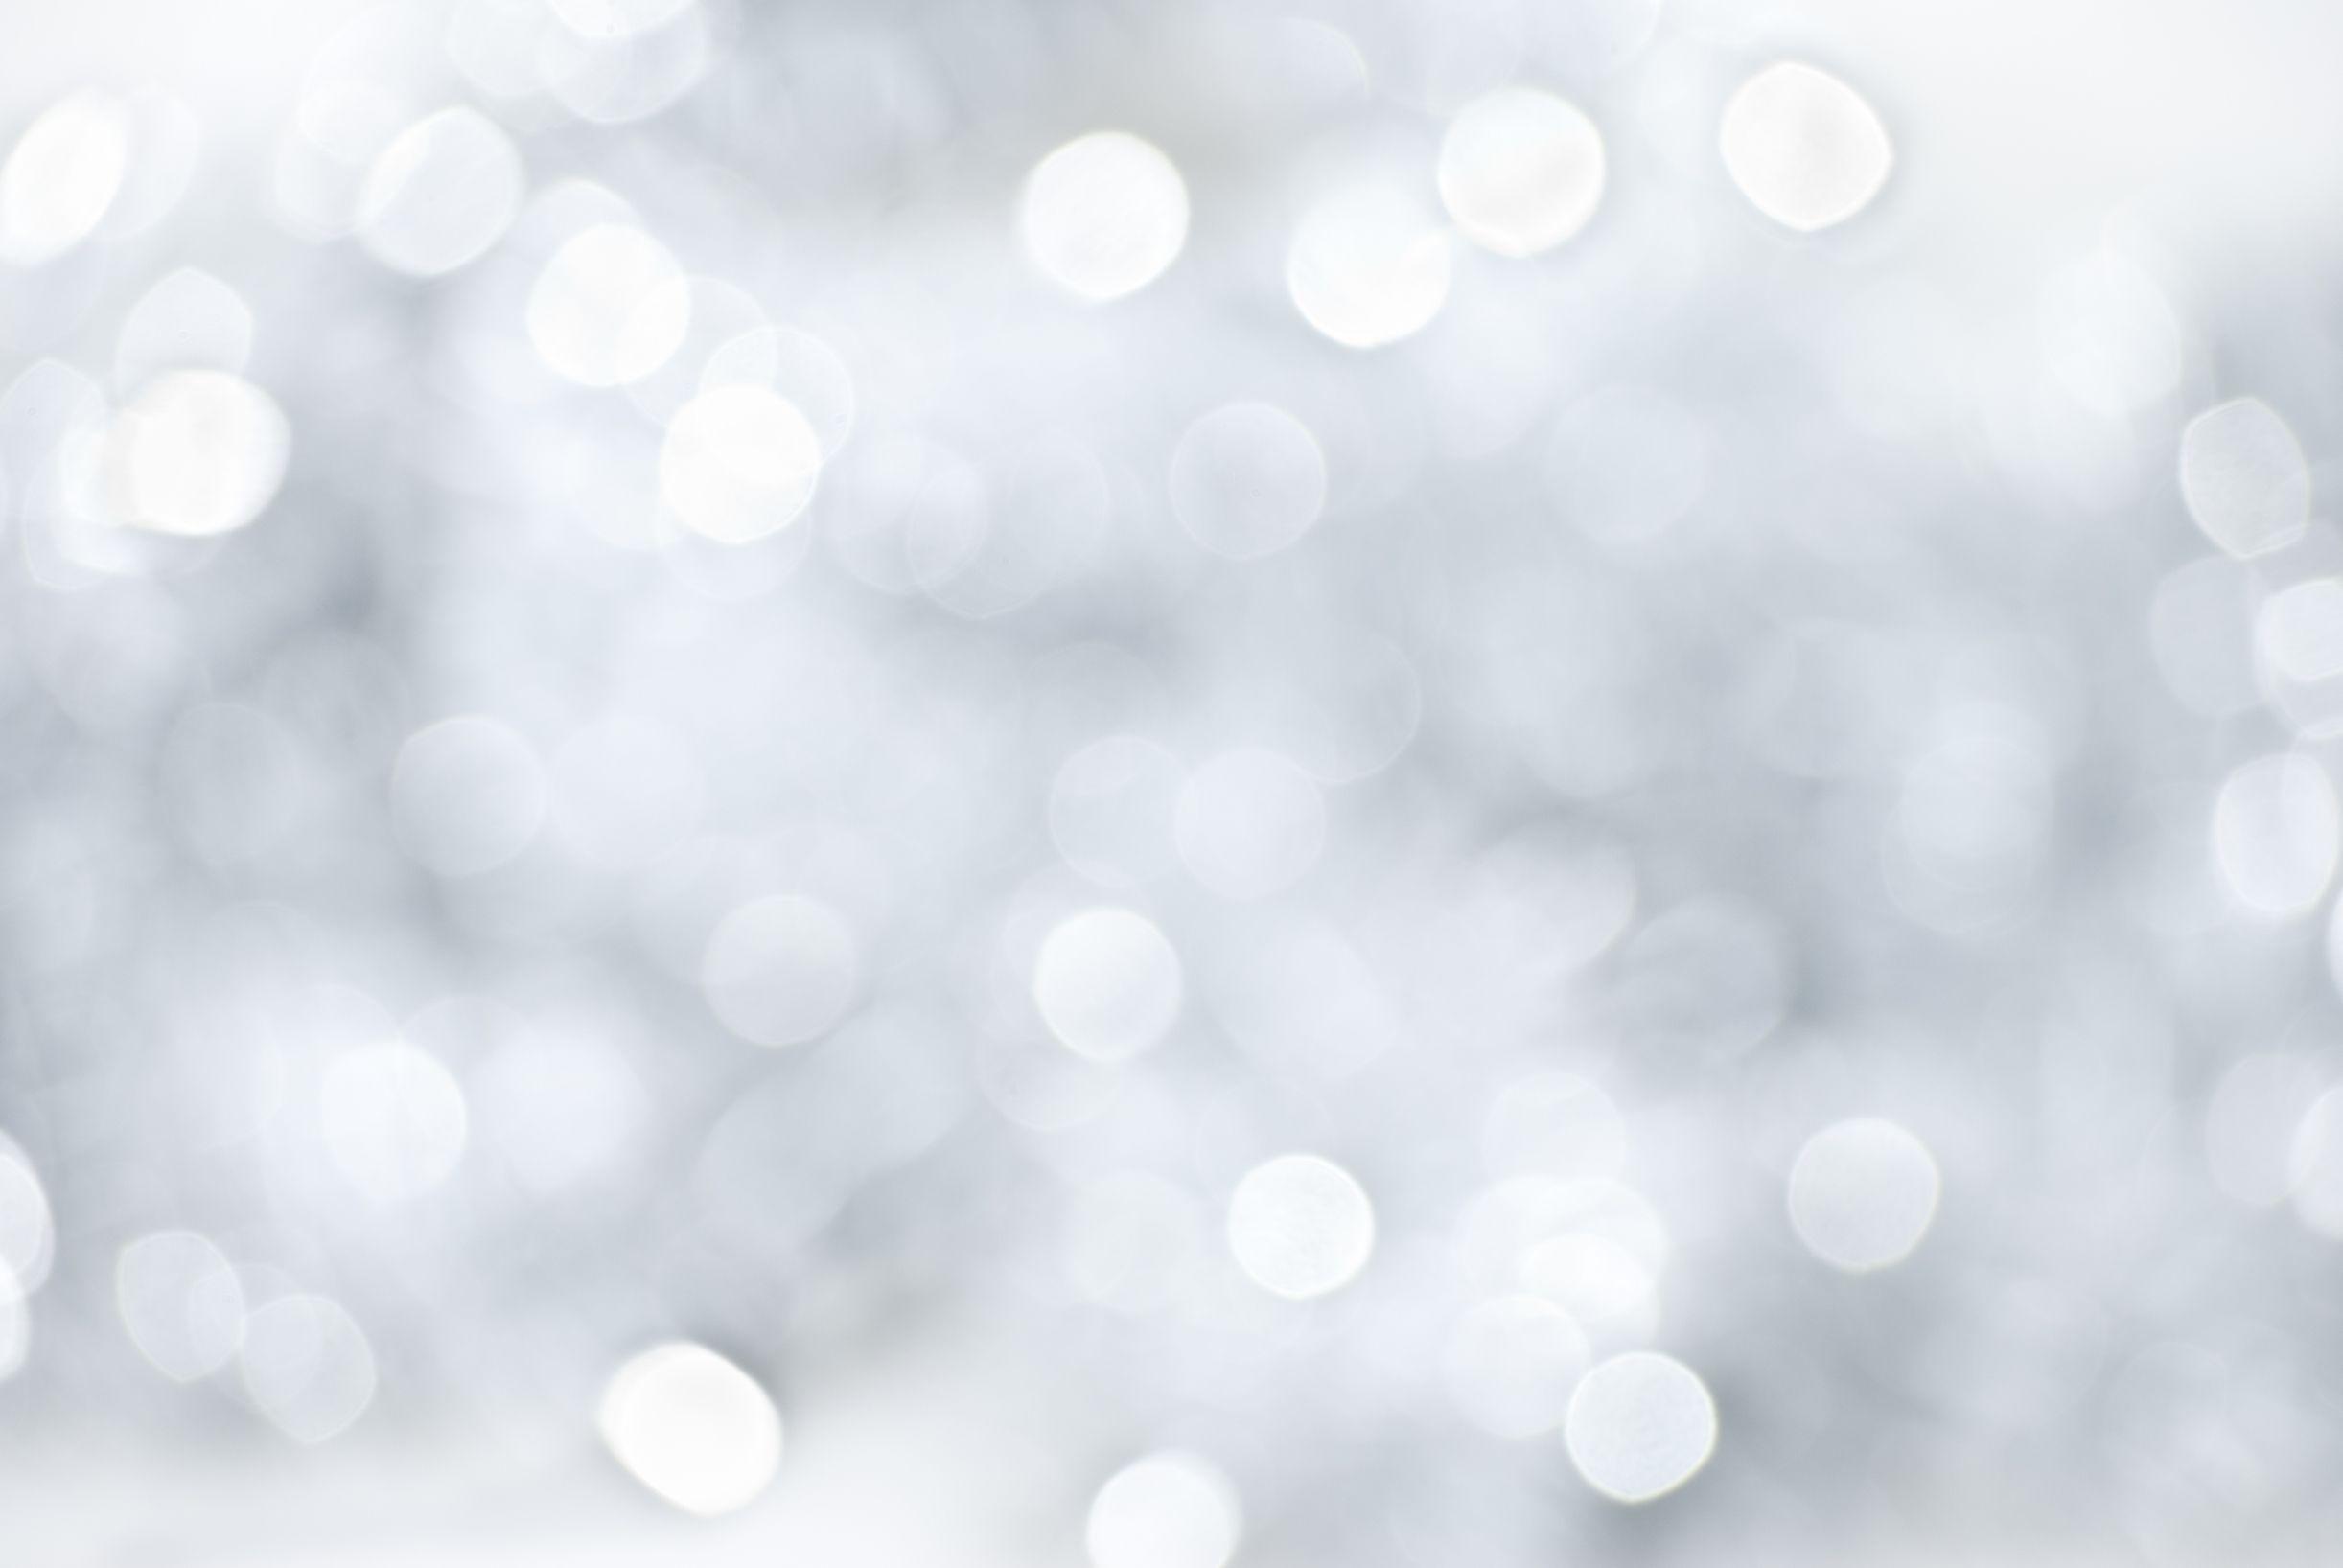 White Christmas Background.Light Backgrounds Tumblr Light Backgrounds Art In 2019